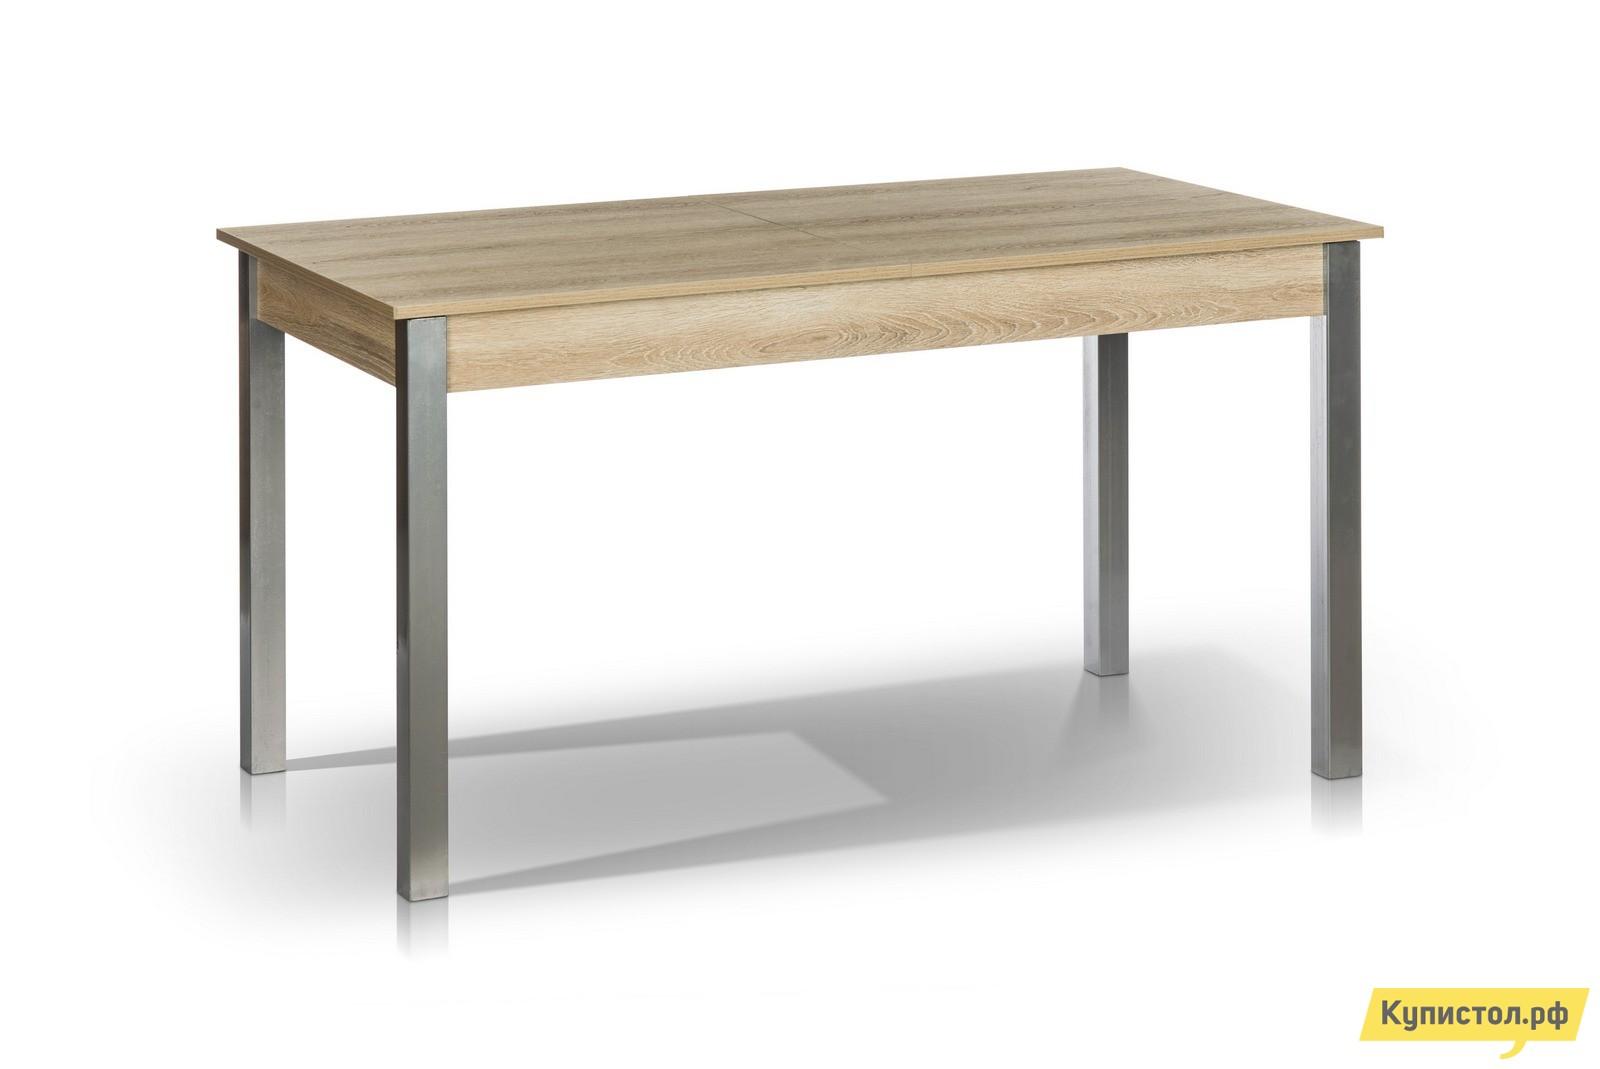 Кухонный стол МегаЭлатон Лугано Дуб швейцарский